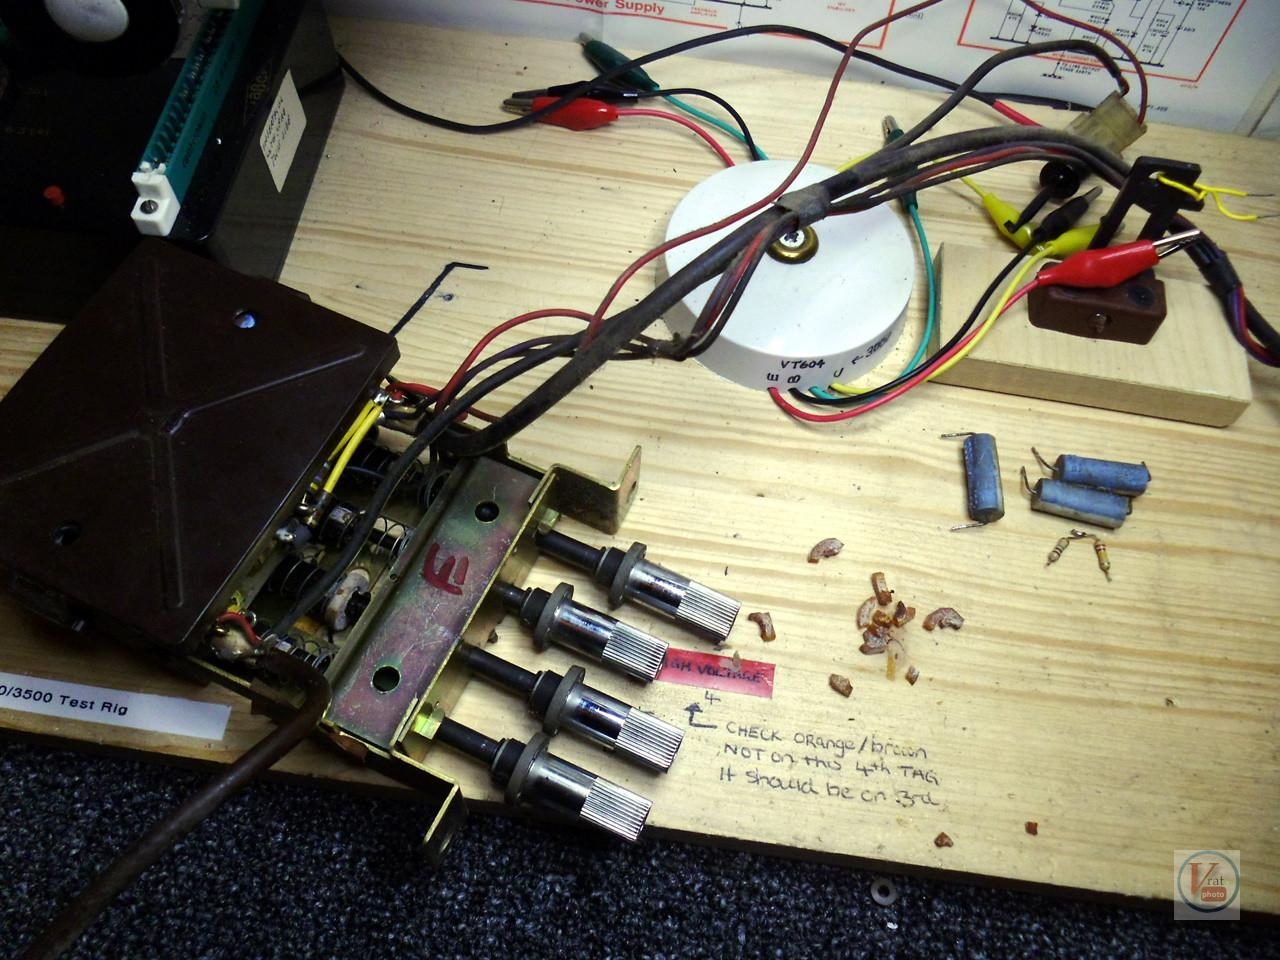 Repairing A BRC/Thorn Tuner 1